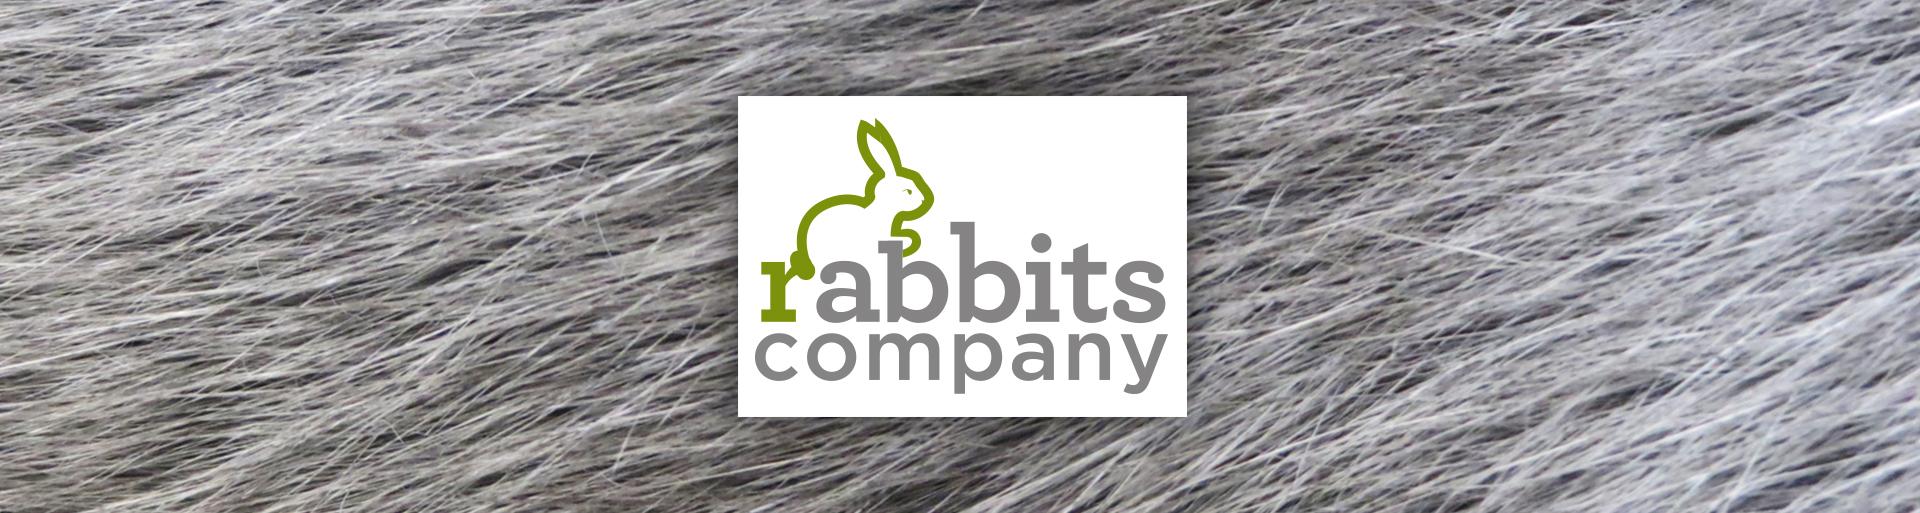 Rabbits Company